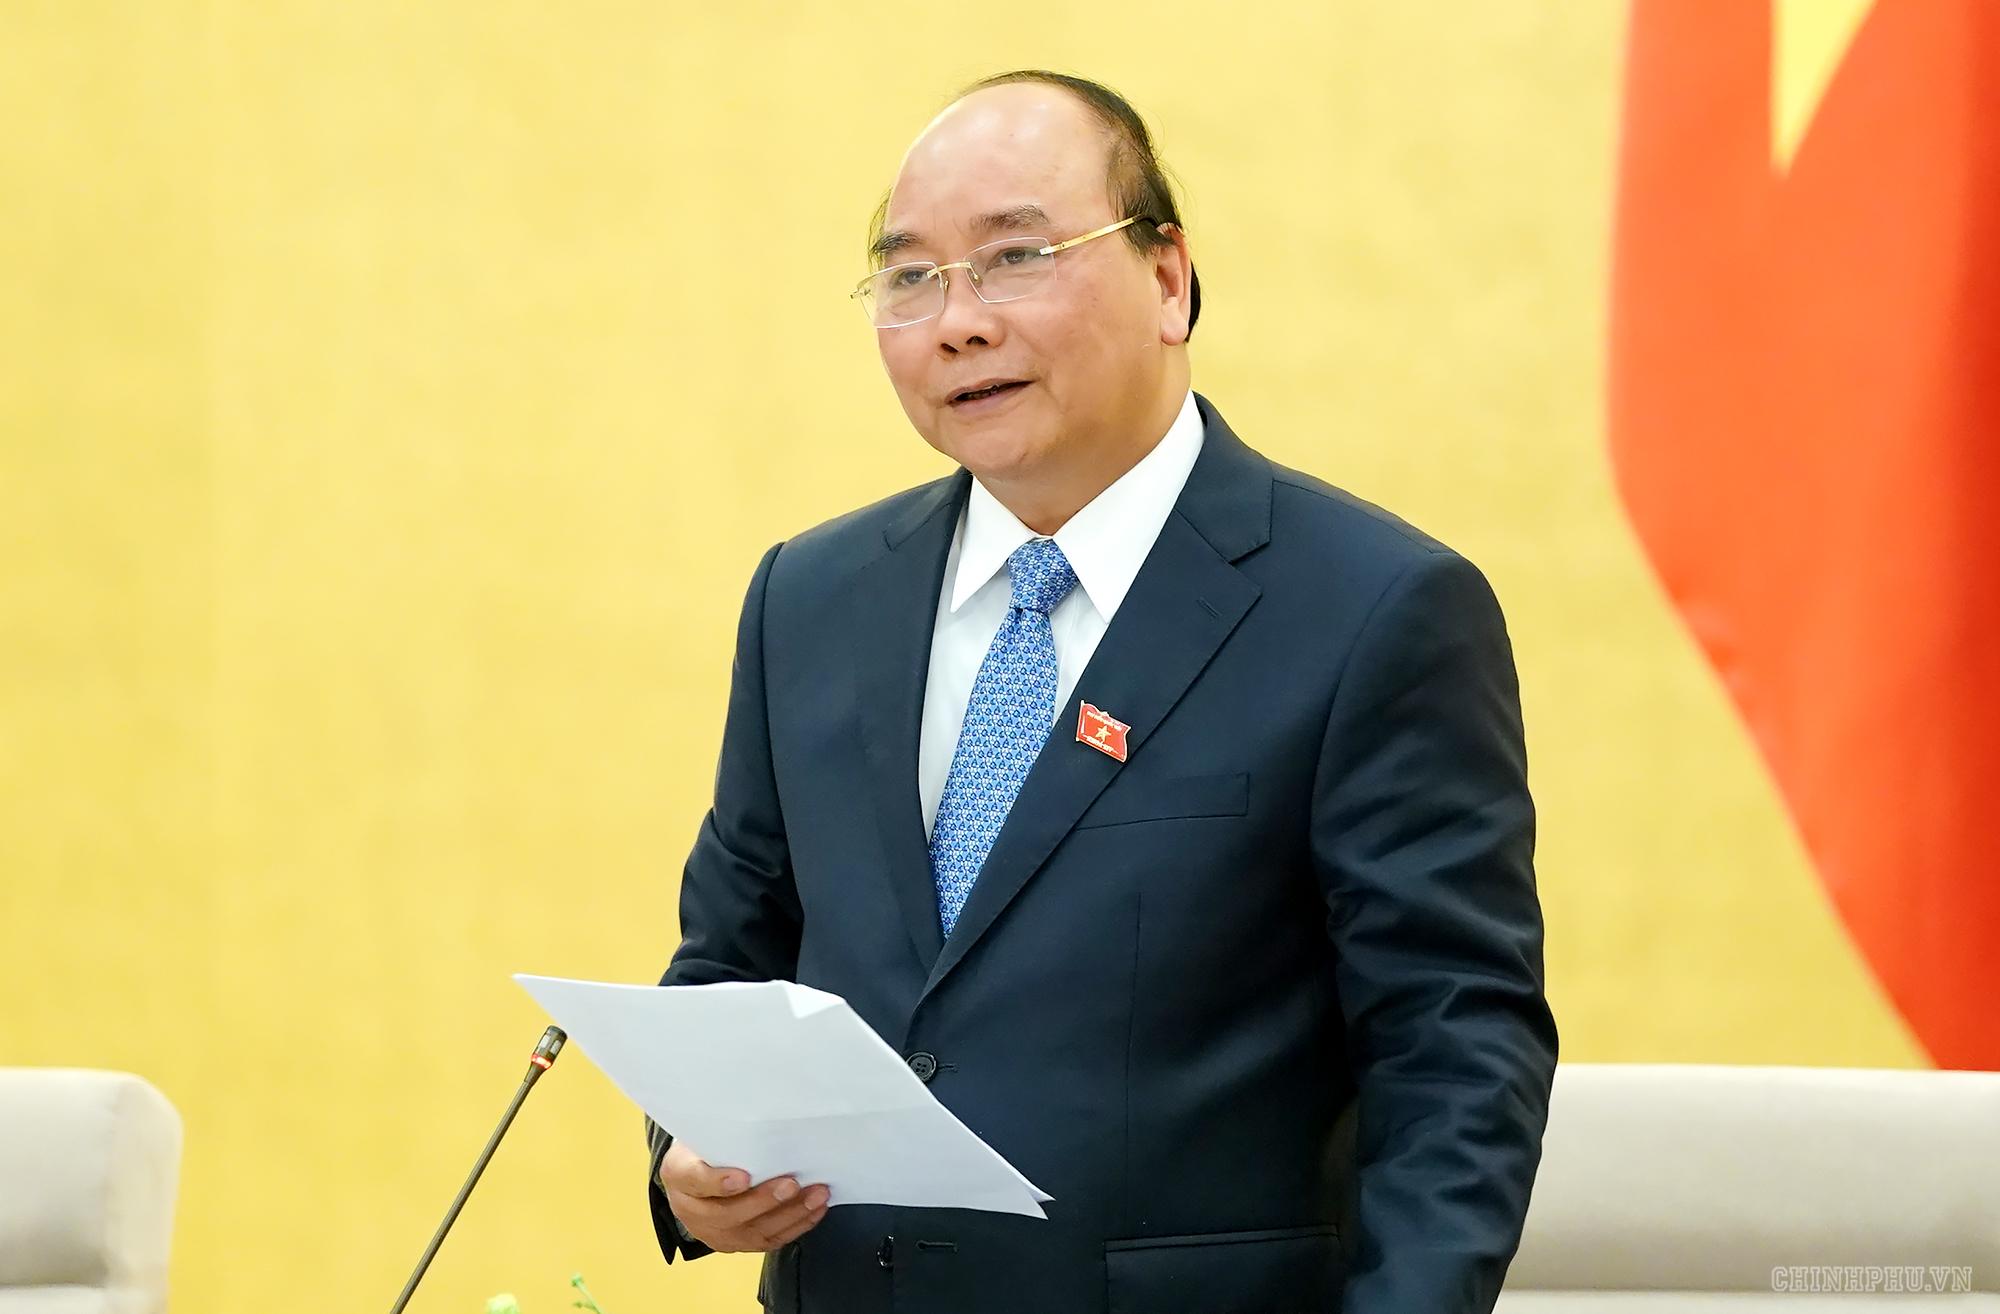 Thủ tướng Nguyễn Xuân Phúc phát biểu tại buổi gặp mặt các đại biểu Quốc hội trẻ.